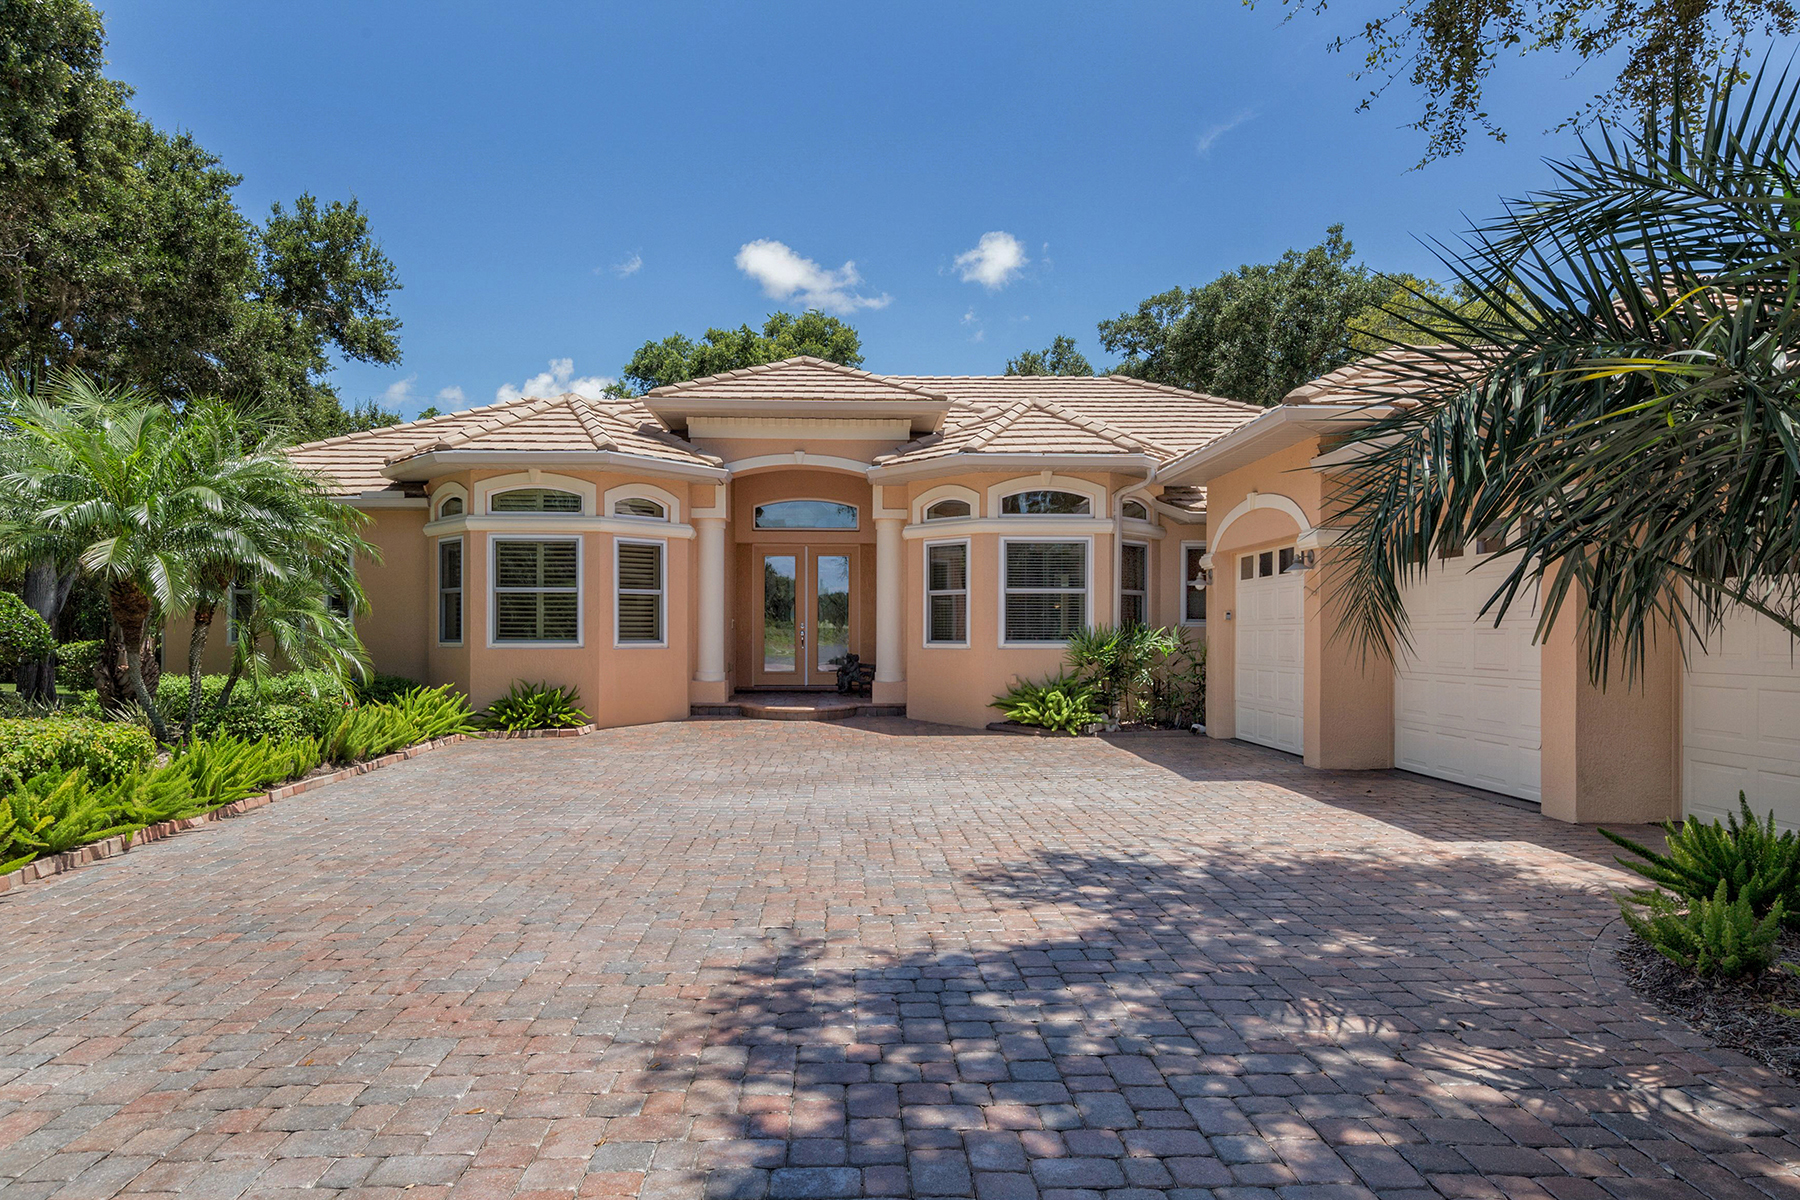 Maison unifamiliale pour l Vente à NOKOMIS 2415 Uppakrik Ln Nokomis, Florida, 34275 États-Unis